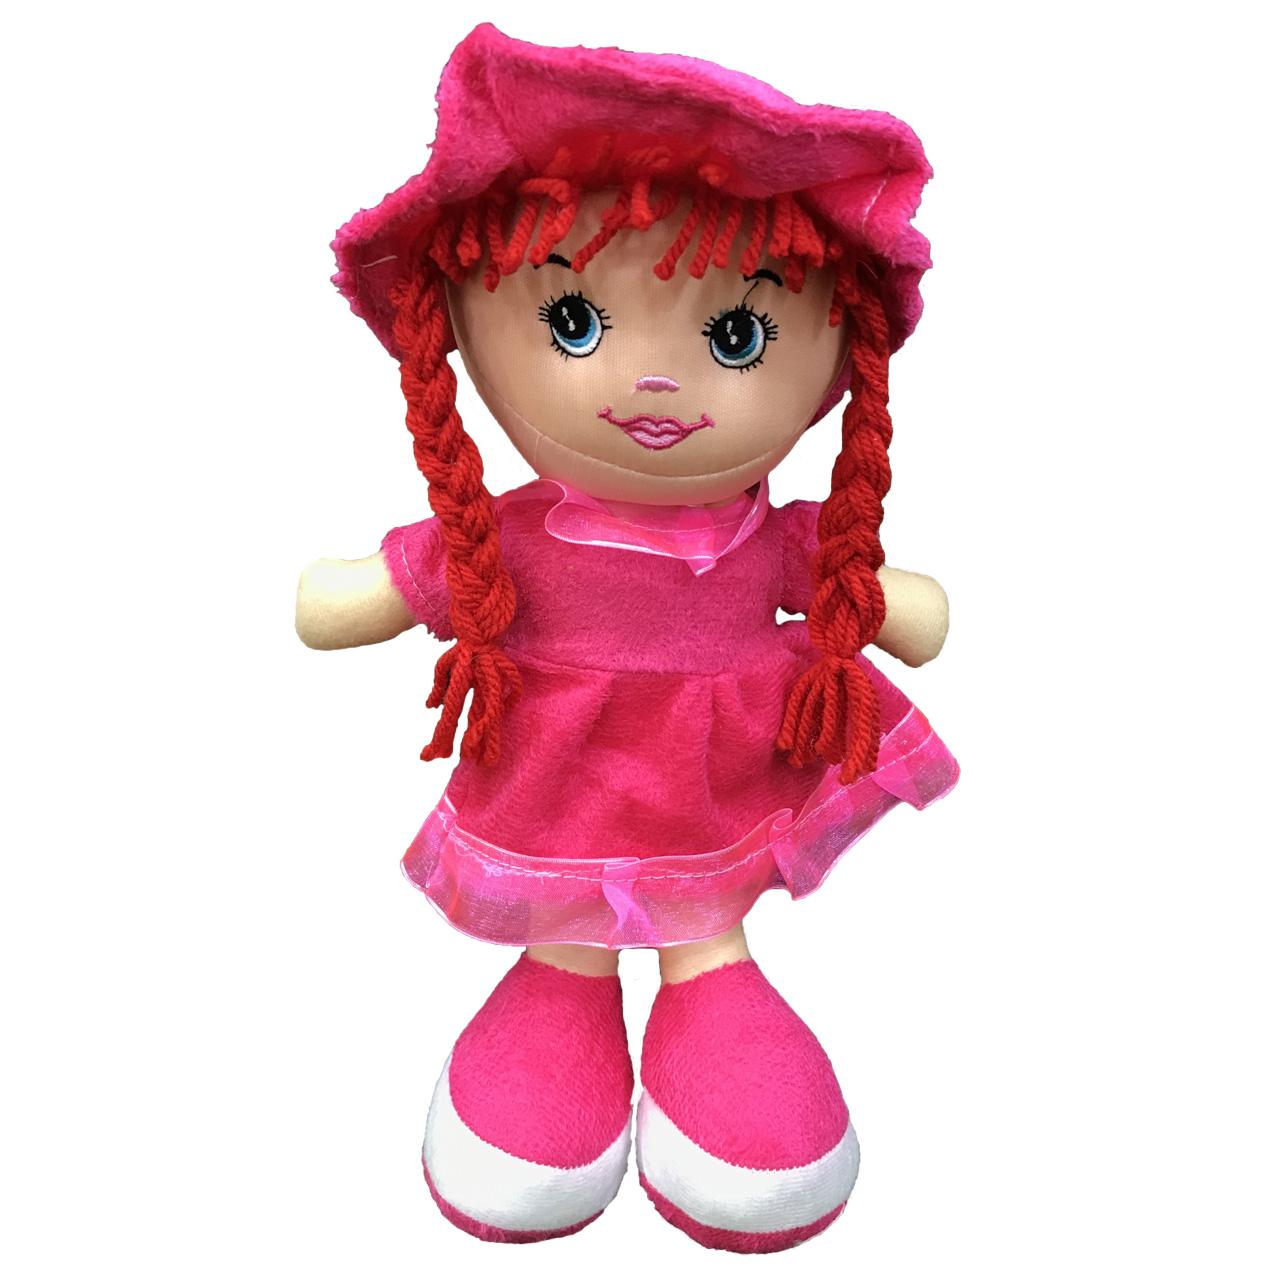 عروسک طرح دختر رومی L ارتفاع 35 سانتی متر